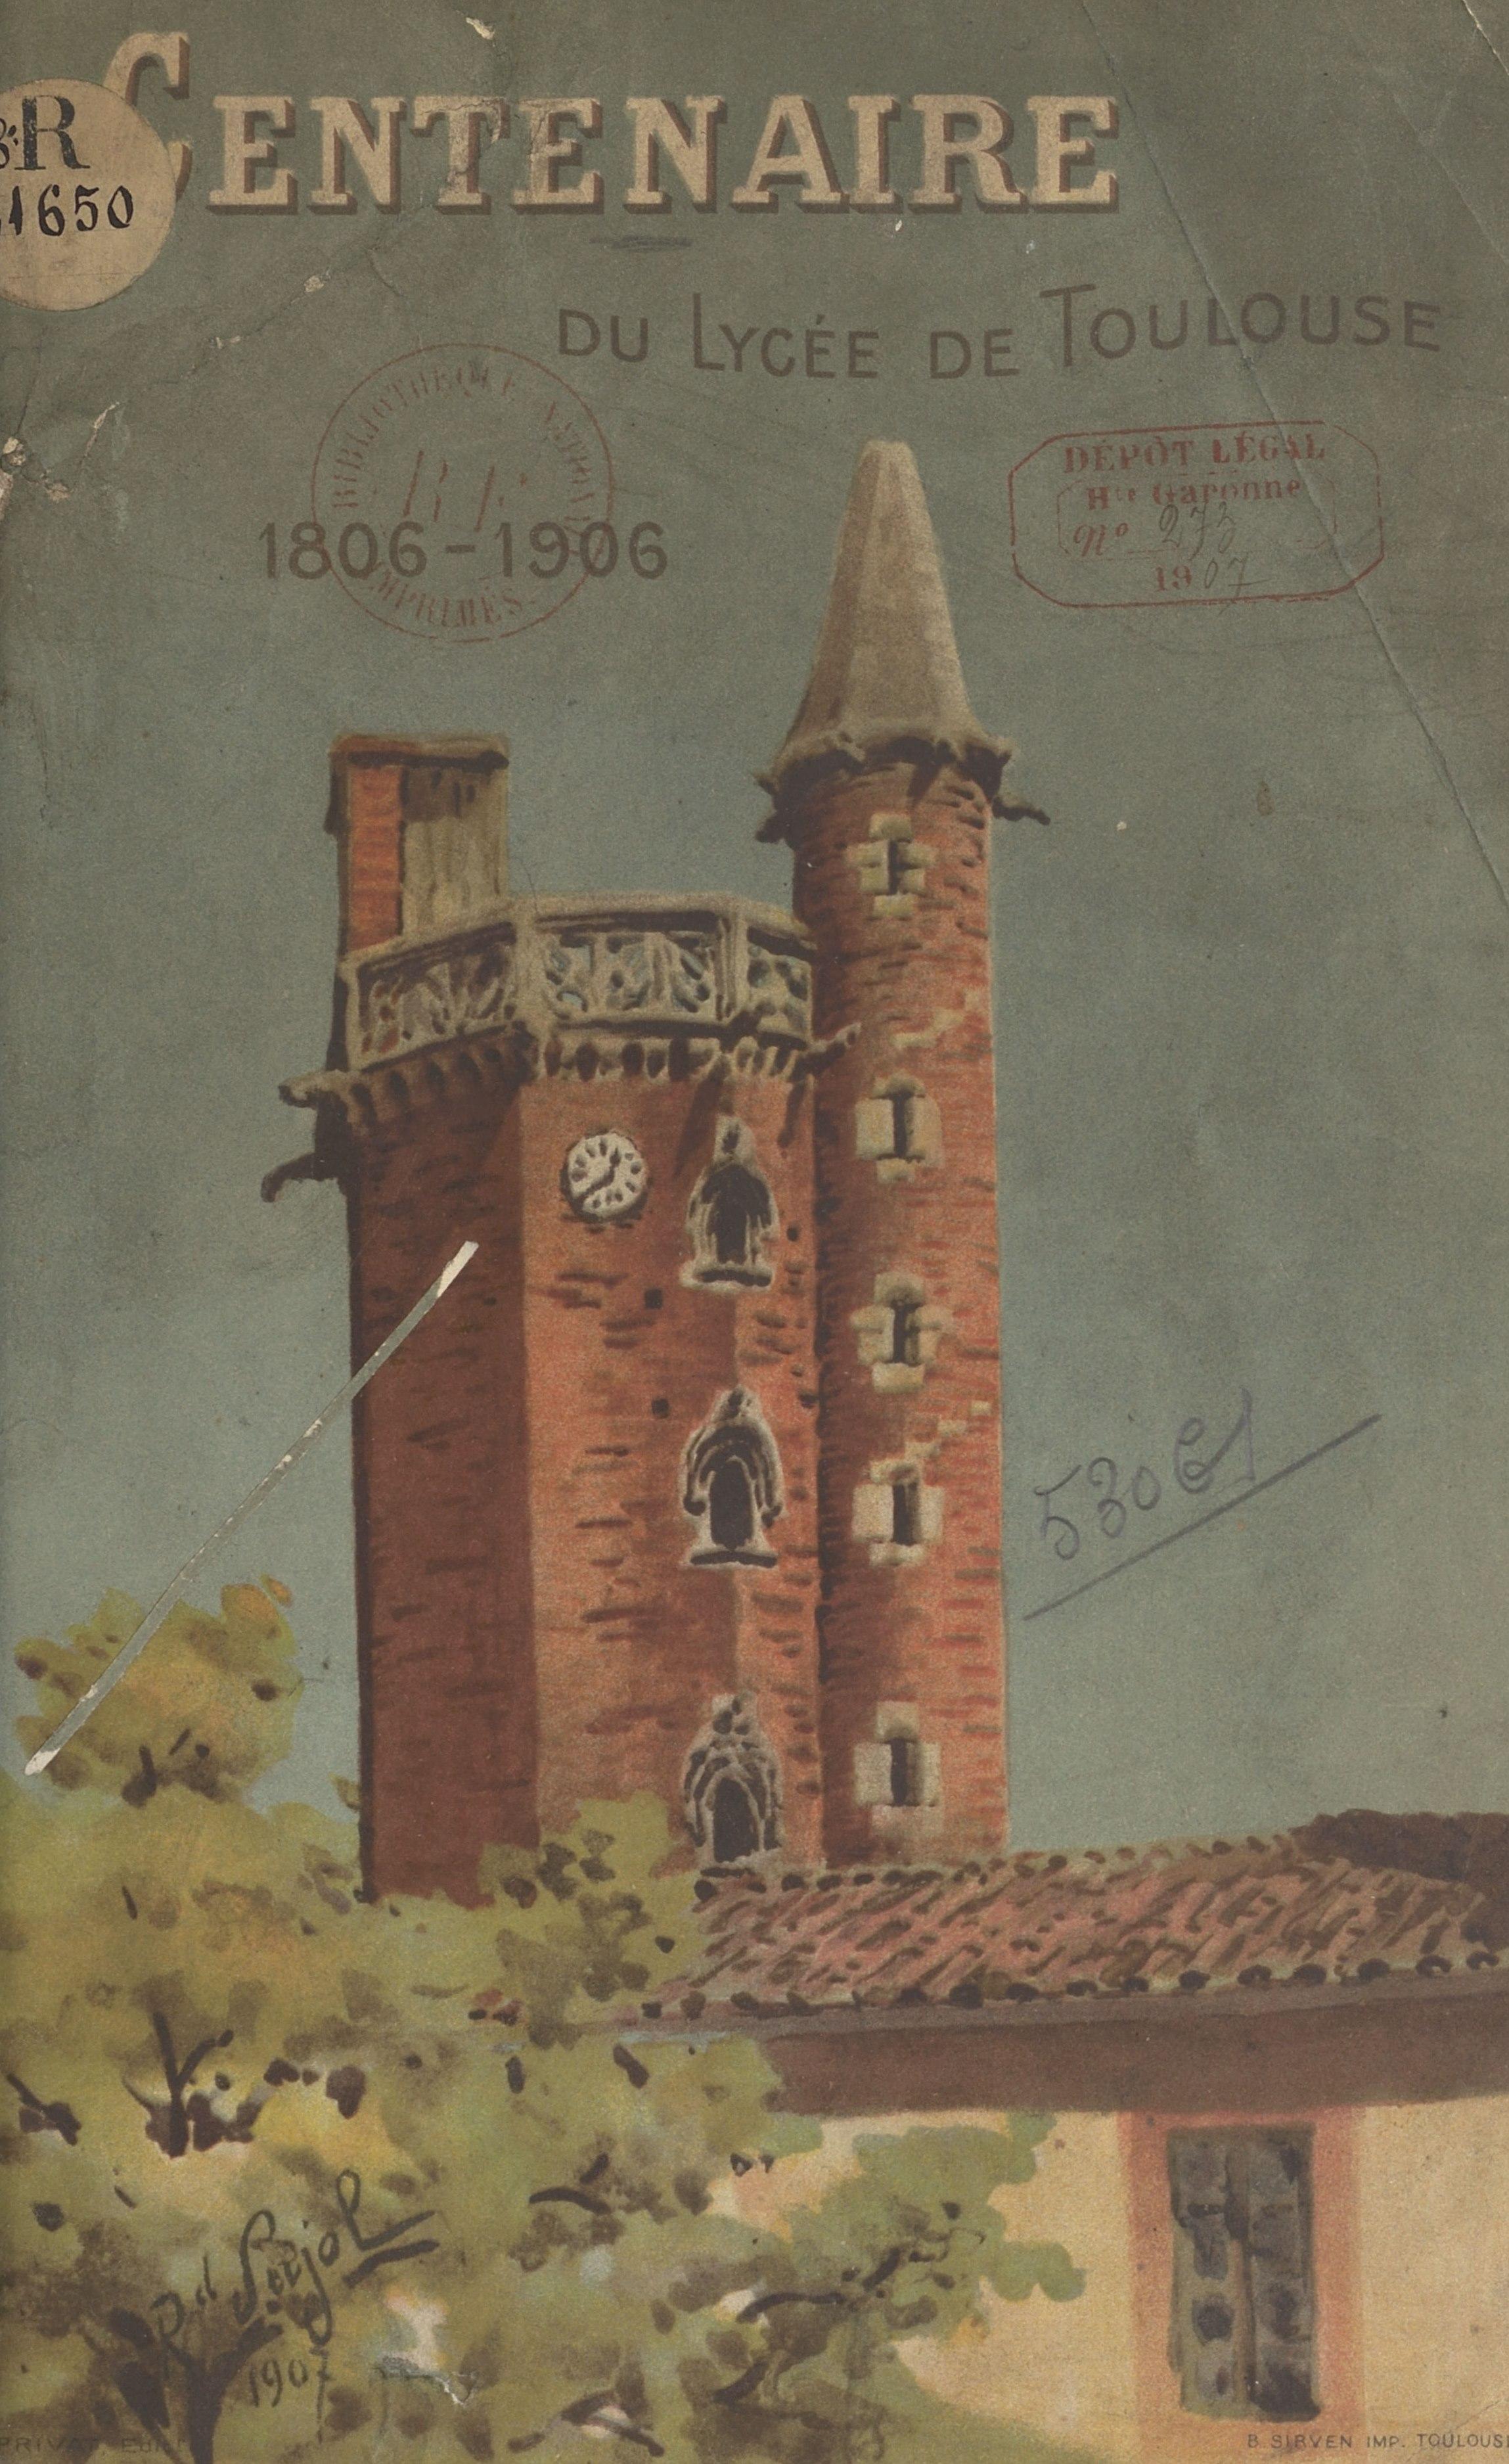 Centenaire du lycée de Toul...